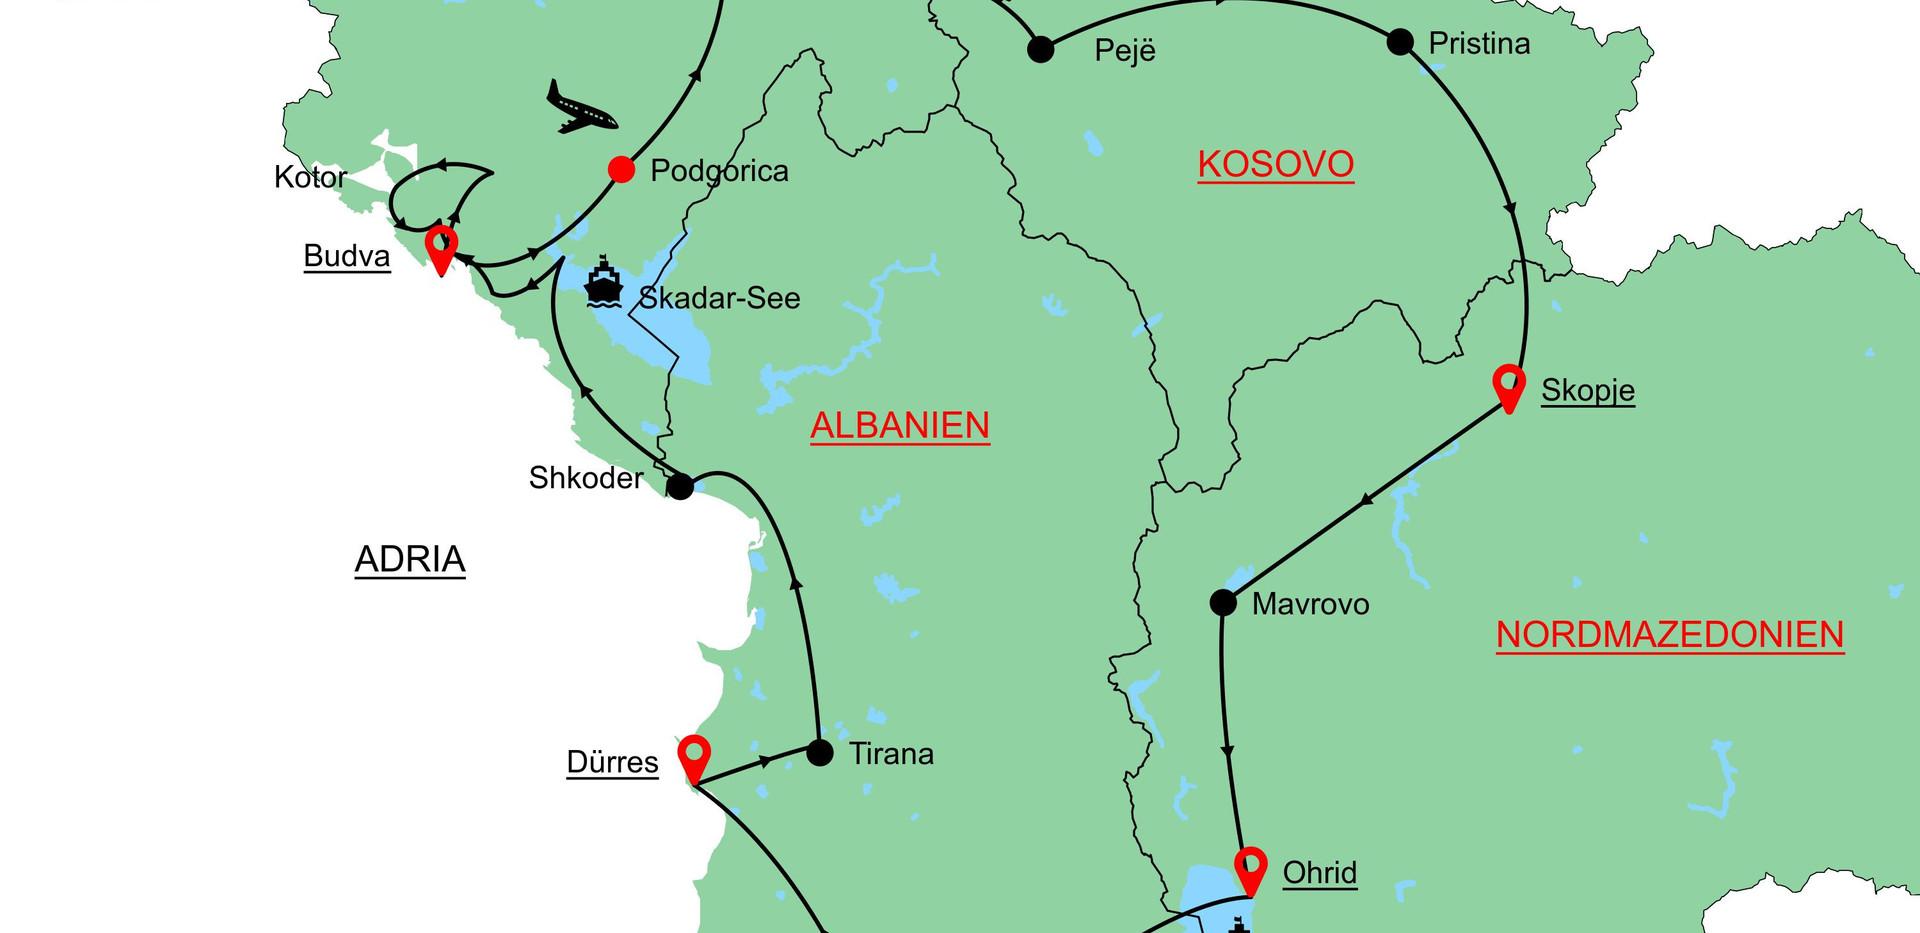 StepMap-Karte-MEMAL21-2 Kopie.jpg